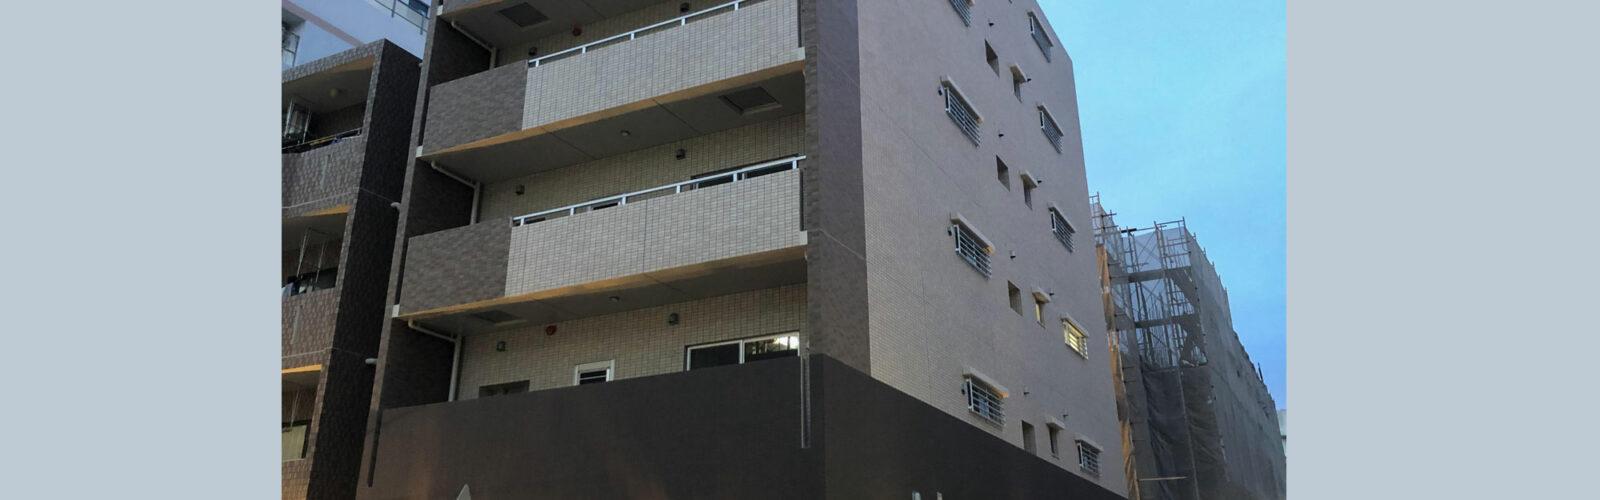 新都心で放つ都会的な高級感。住空間設備もグレードアップした店舗兼共同住宅。